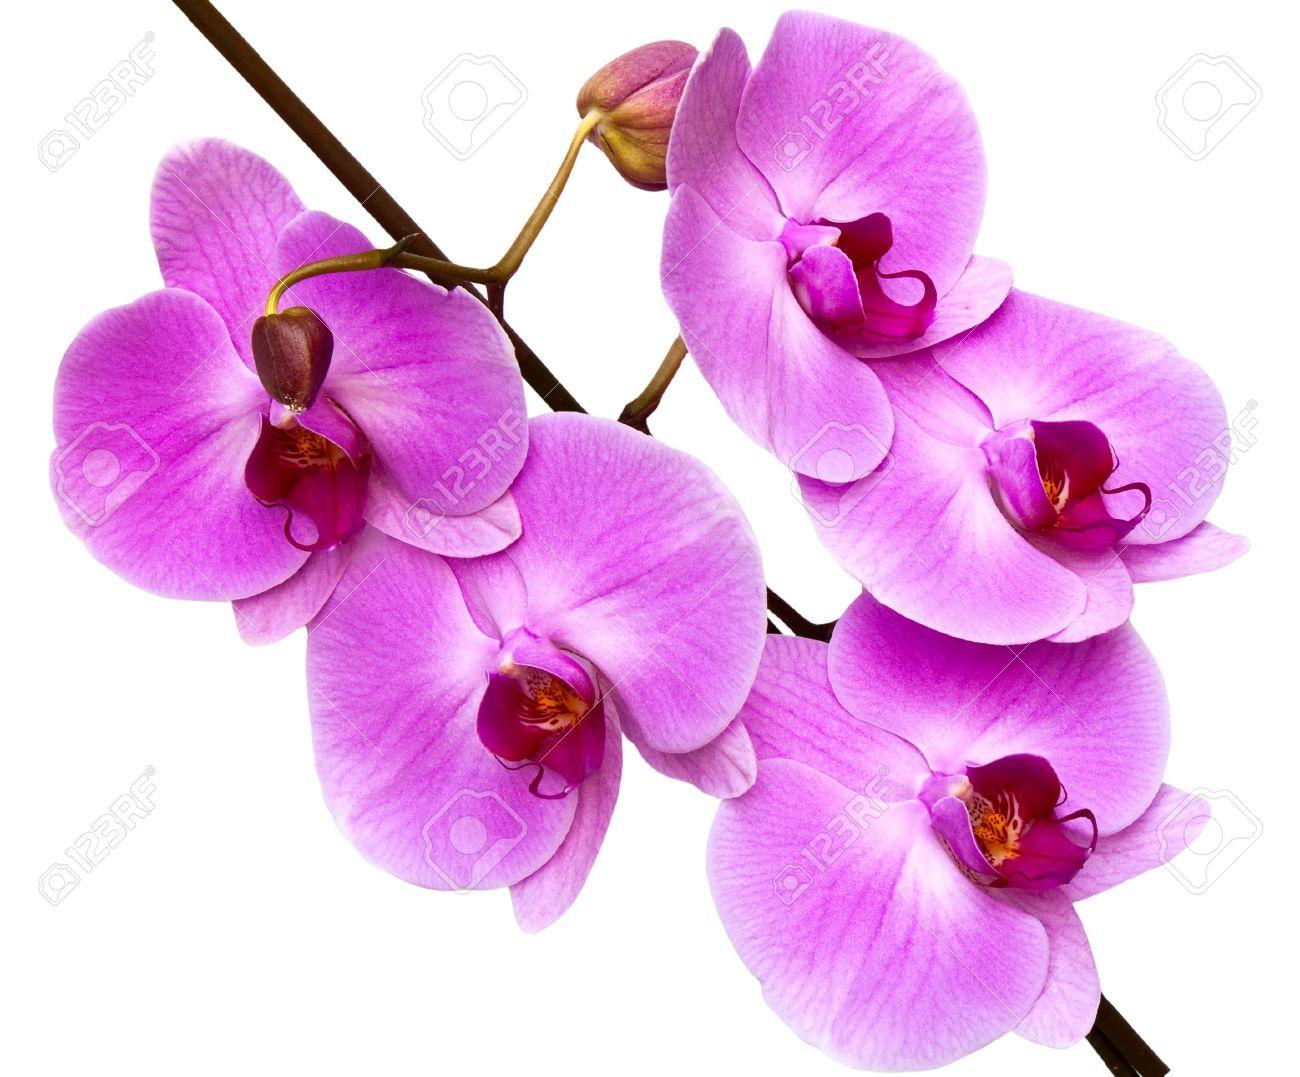 Foto de archivo , orquídea aislado sobre fondo blanco